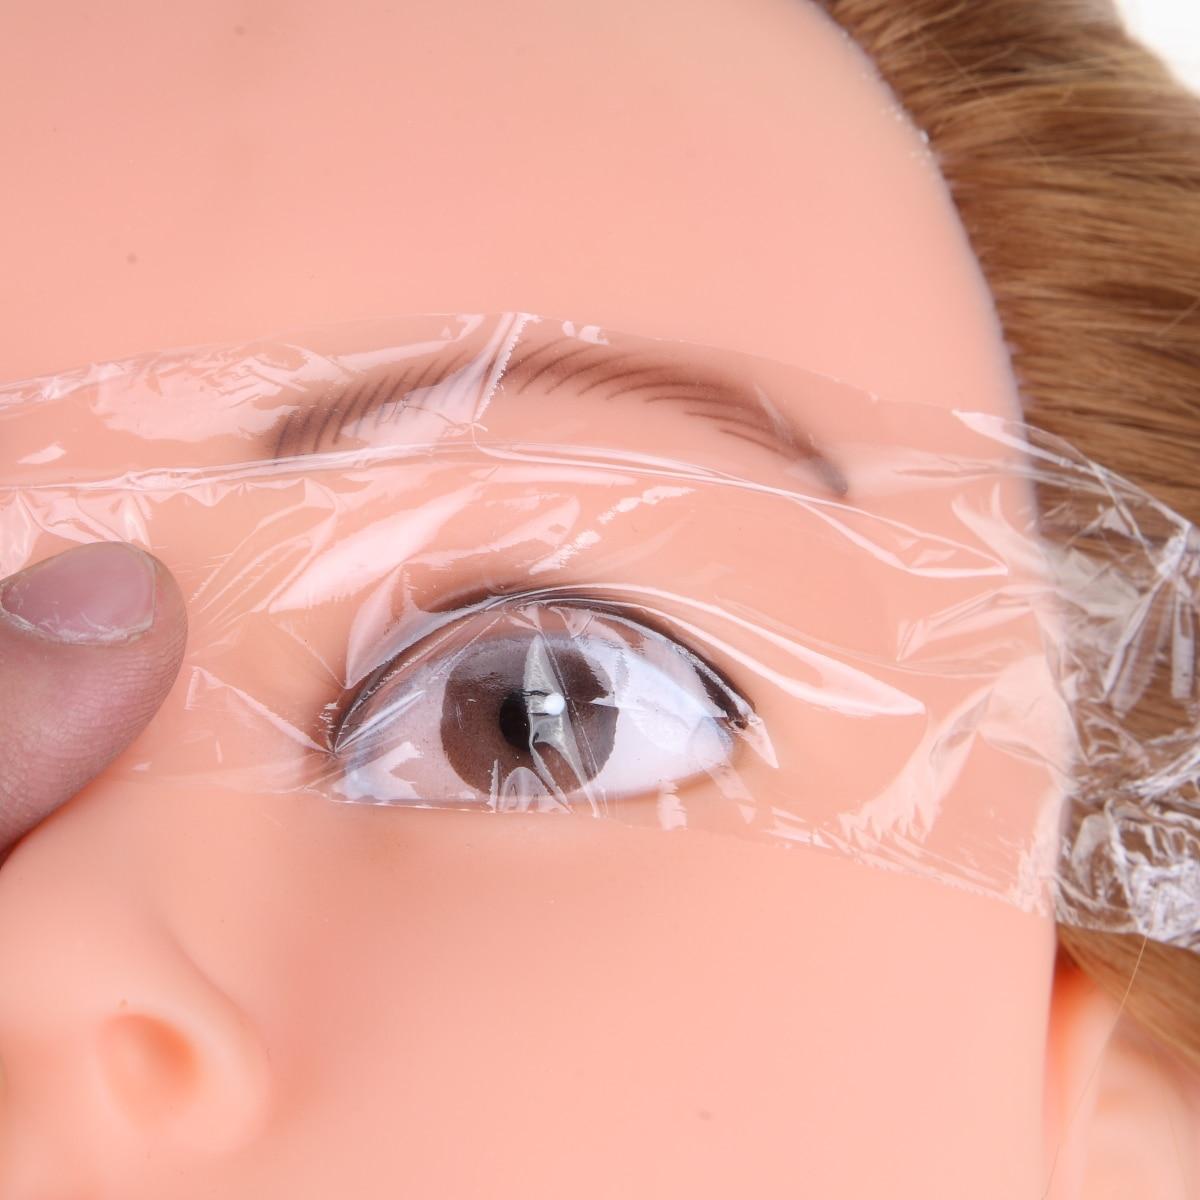 Пластиковая пленка для обертывания, Полуперманентная пленка для макияжа, тату, бровей, тату, защитный аксессуар, 1 рулон